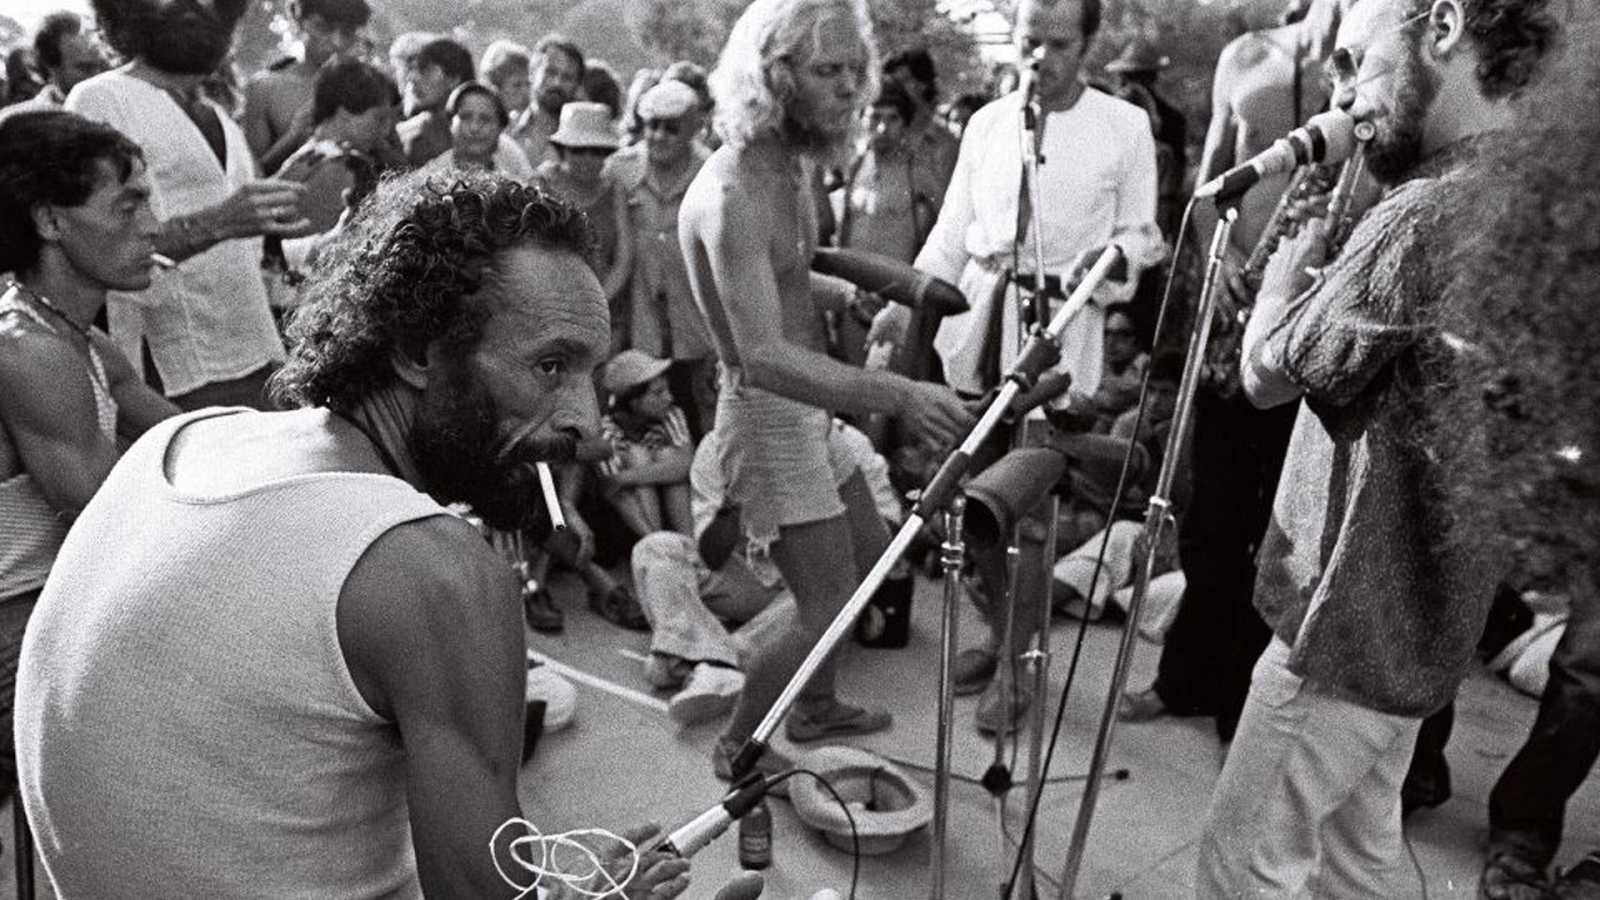 Círculos excéntricos - Ibiza: Contracultura y música de baile - 29/11/20 - escuchar ahora